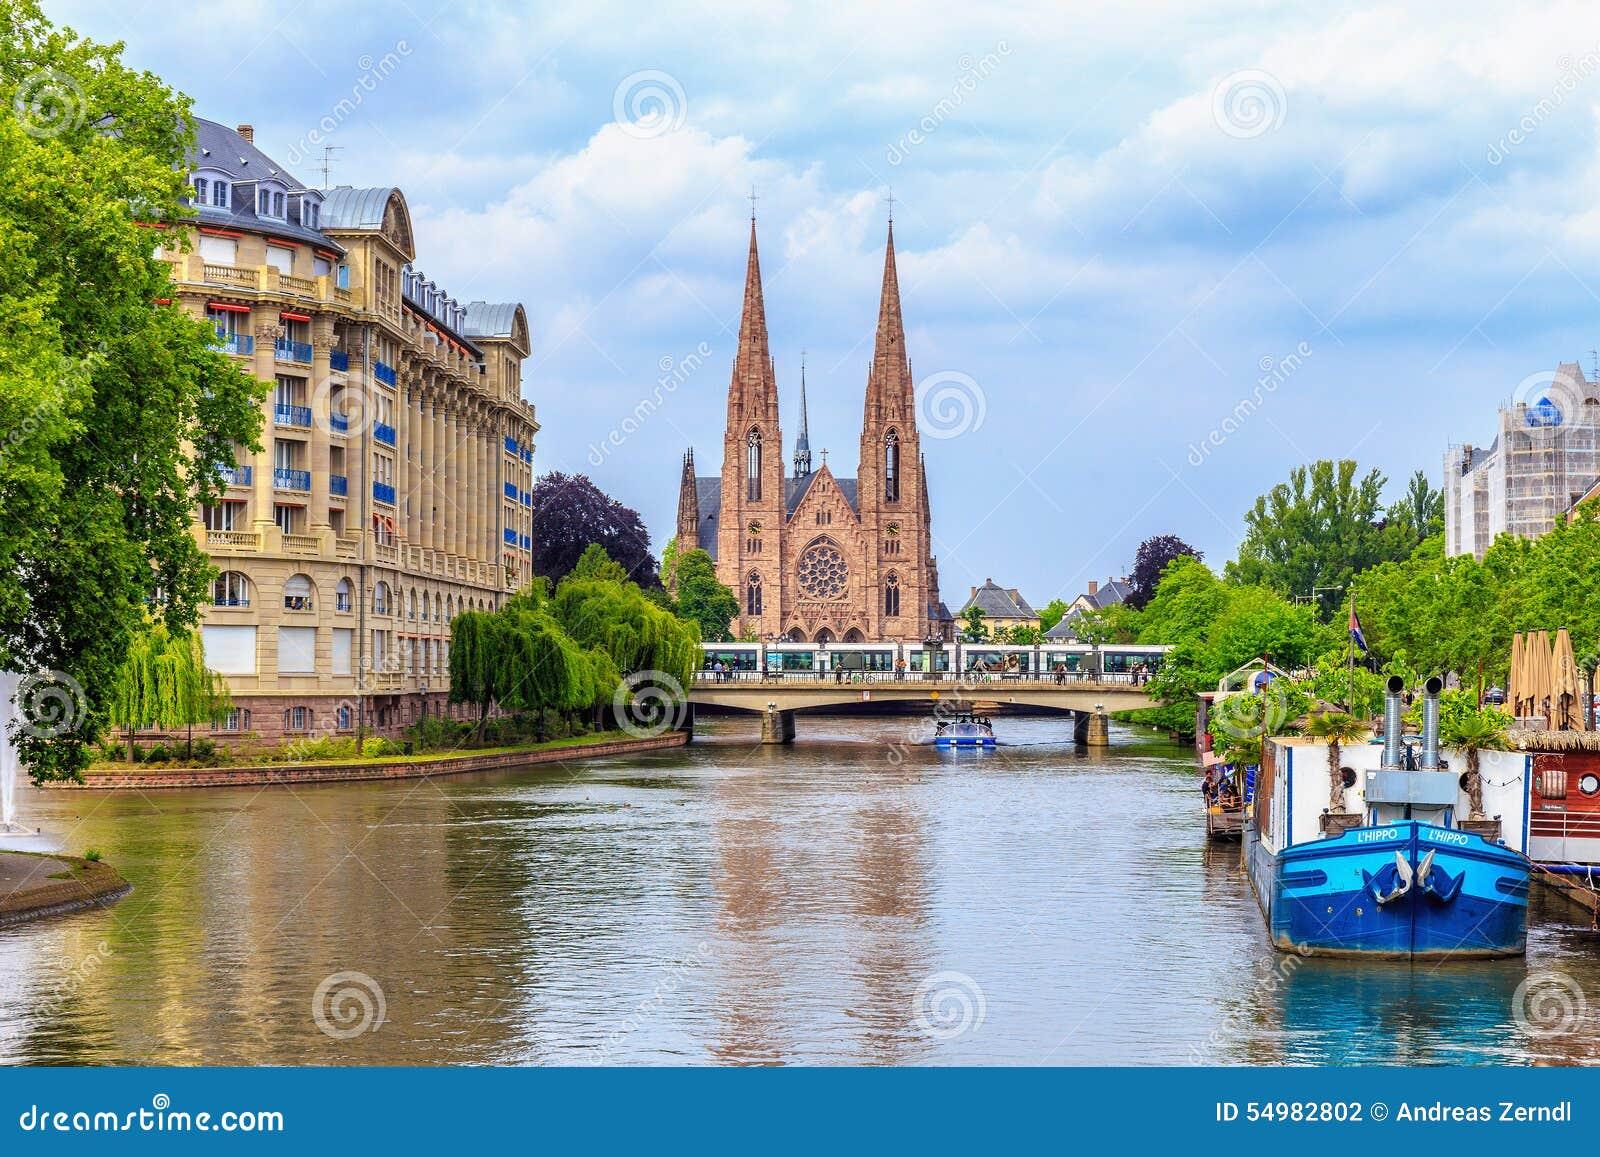 Protestantische Kirche Straßburg